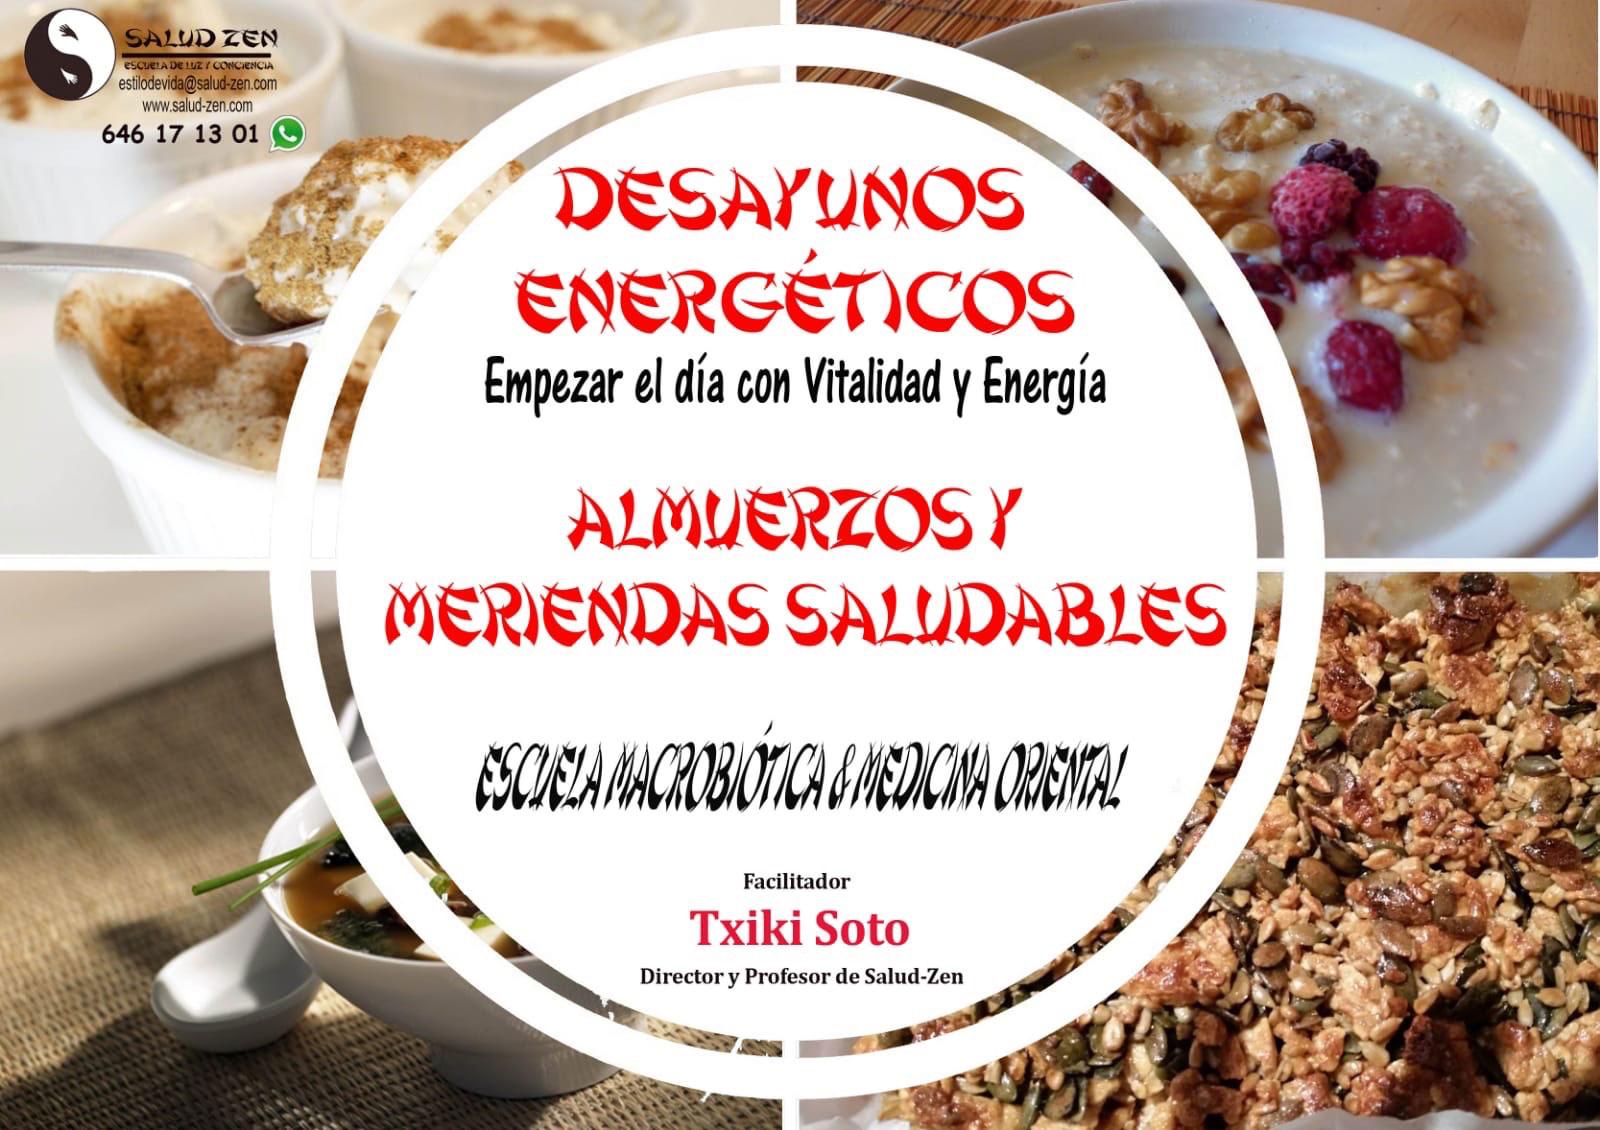 Curso de DESAYUNOS ENERGETICOS. ALMUERZOS Y MERIENDAS SALUDABLES